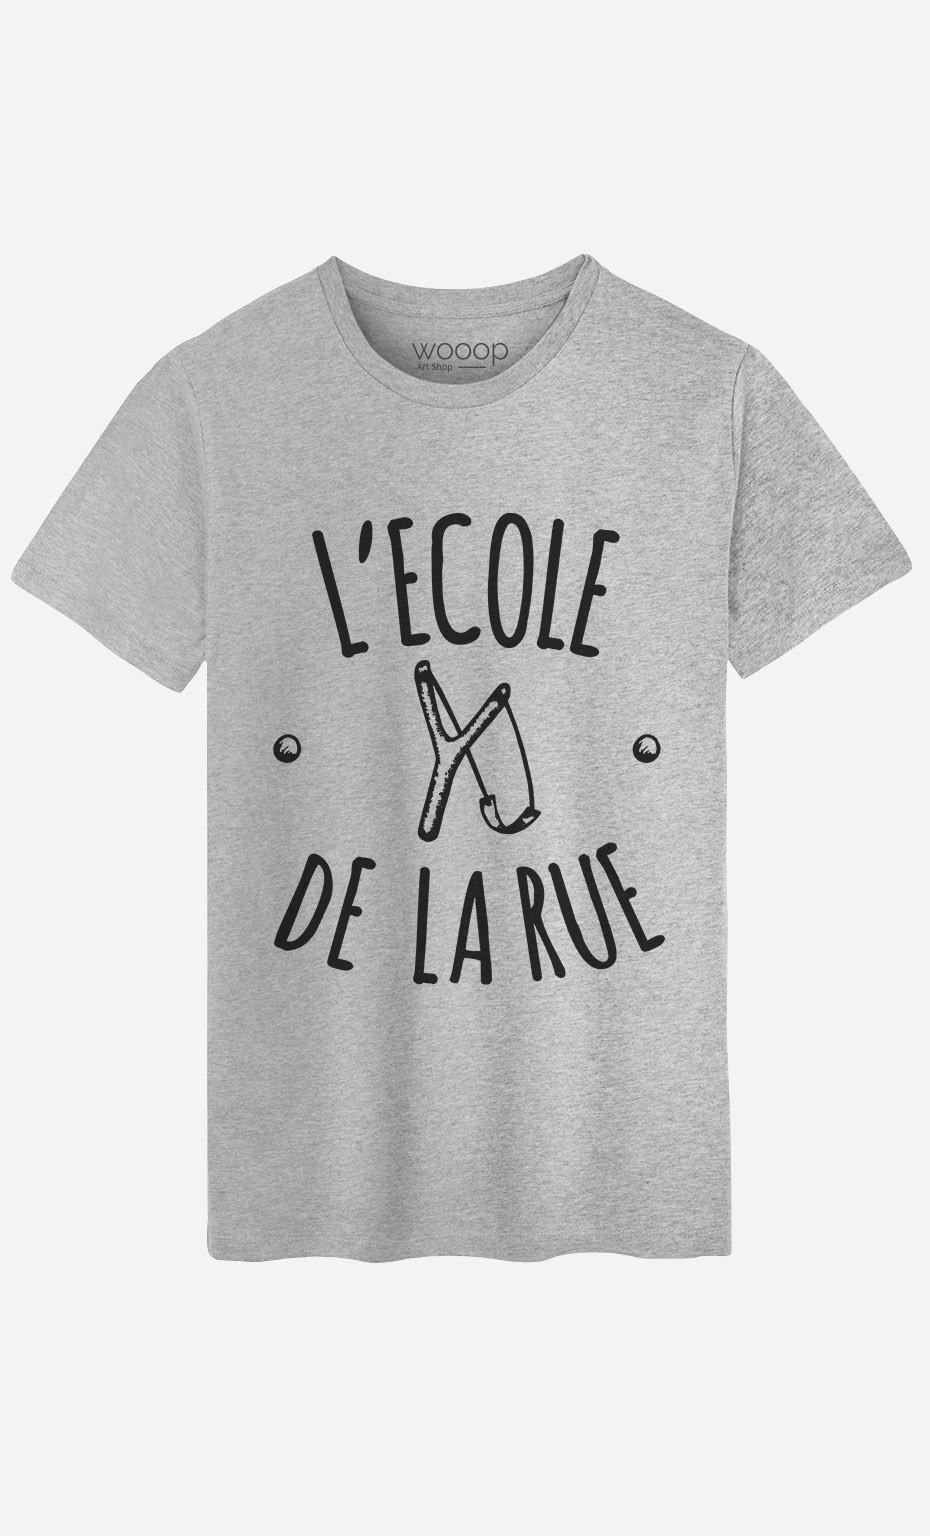 T-Shirt Homme L'Ecole de la Rue